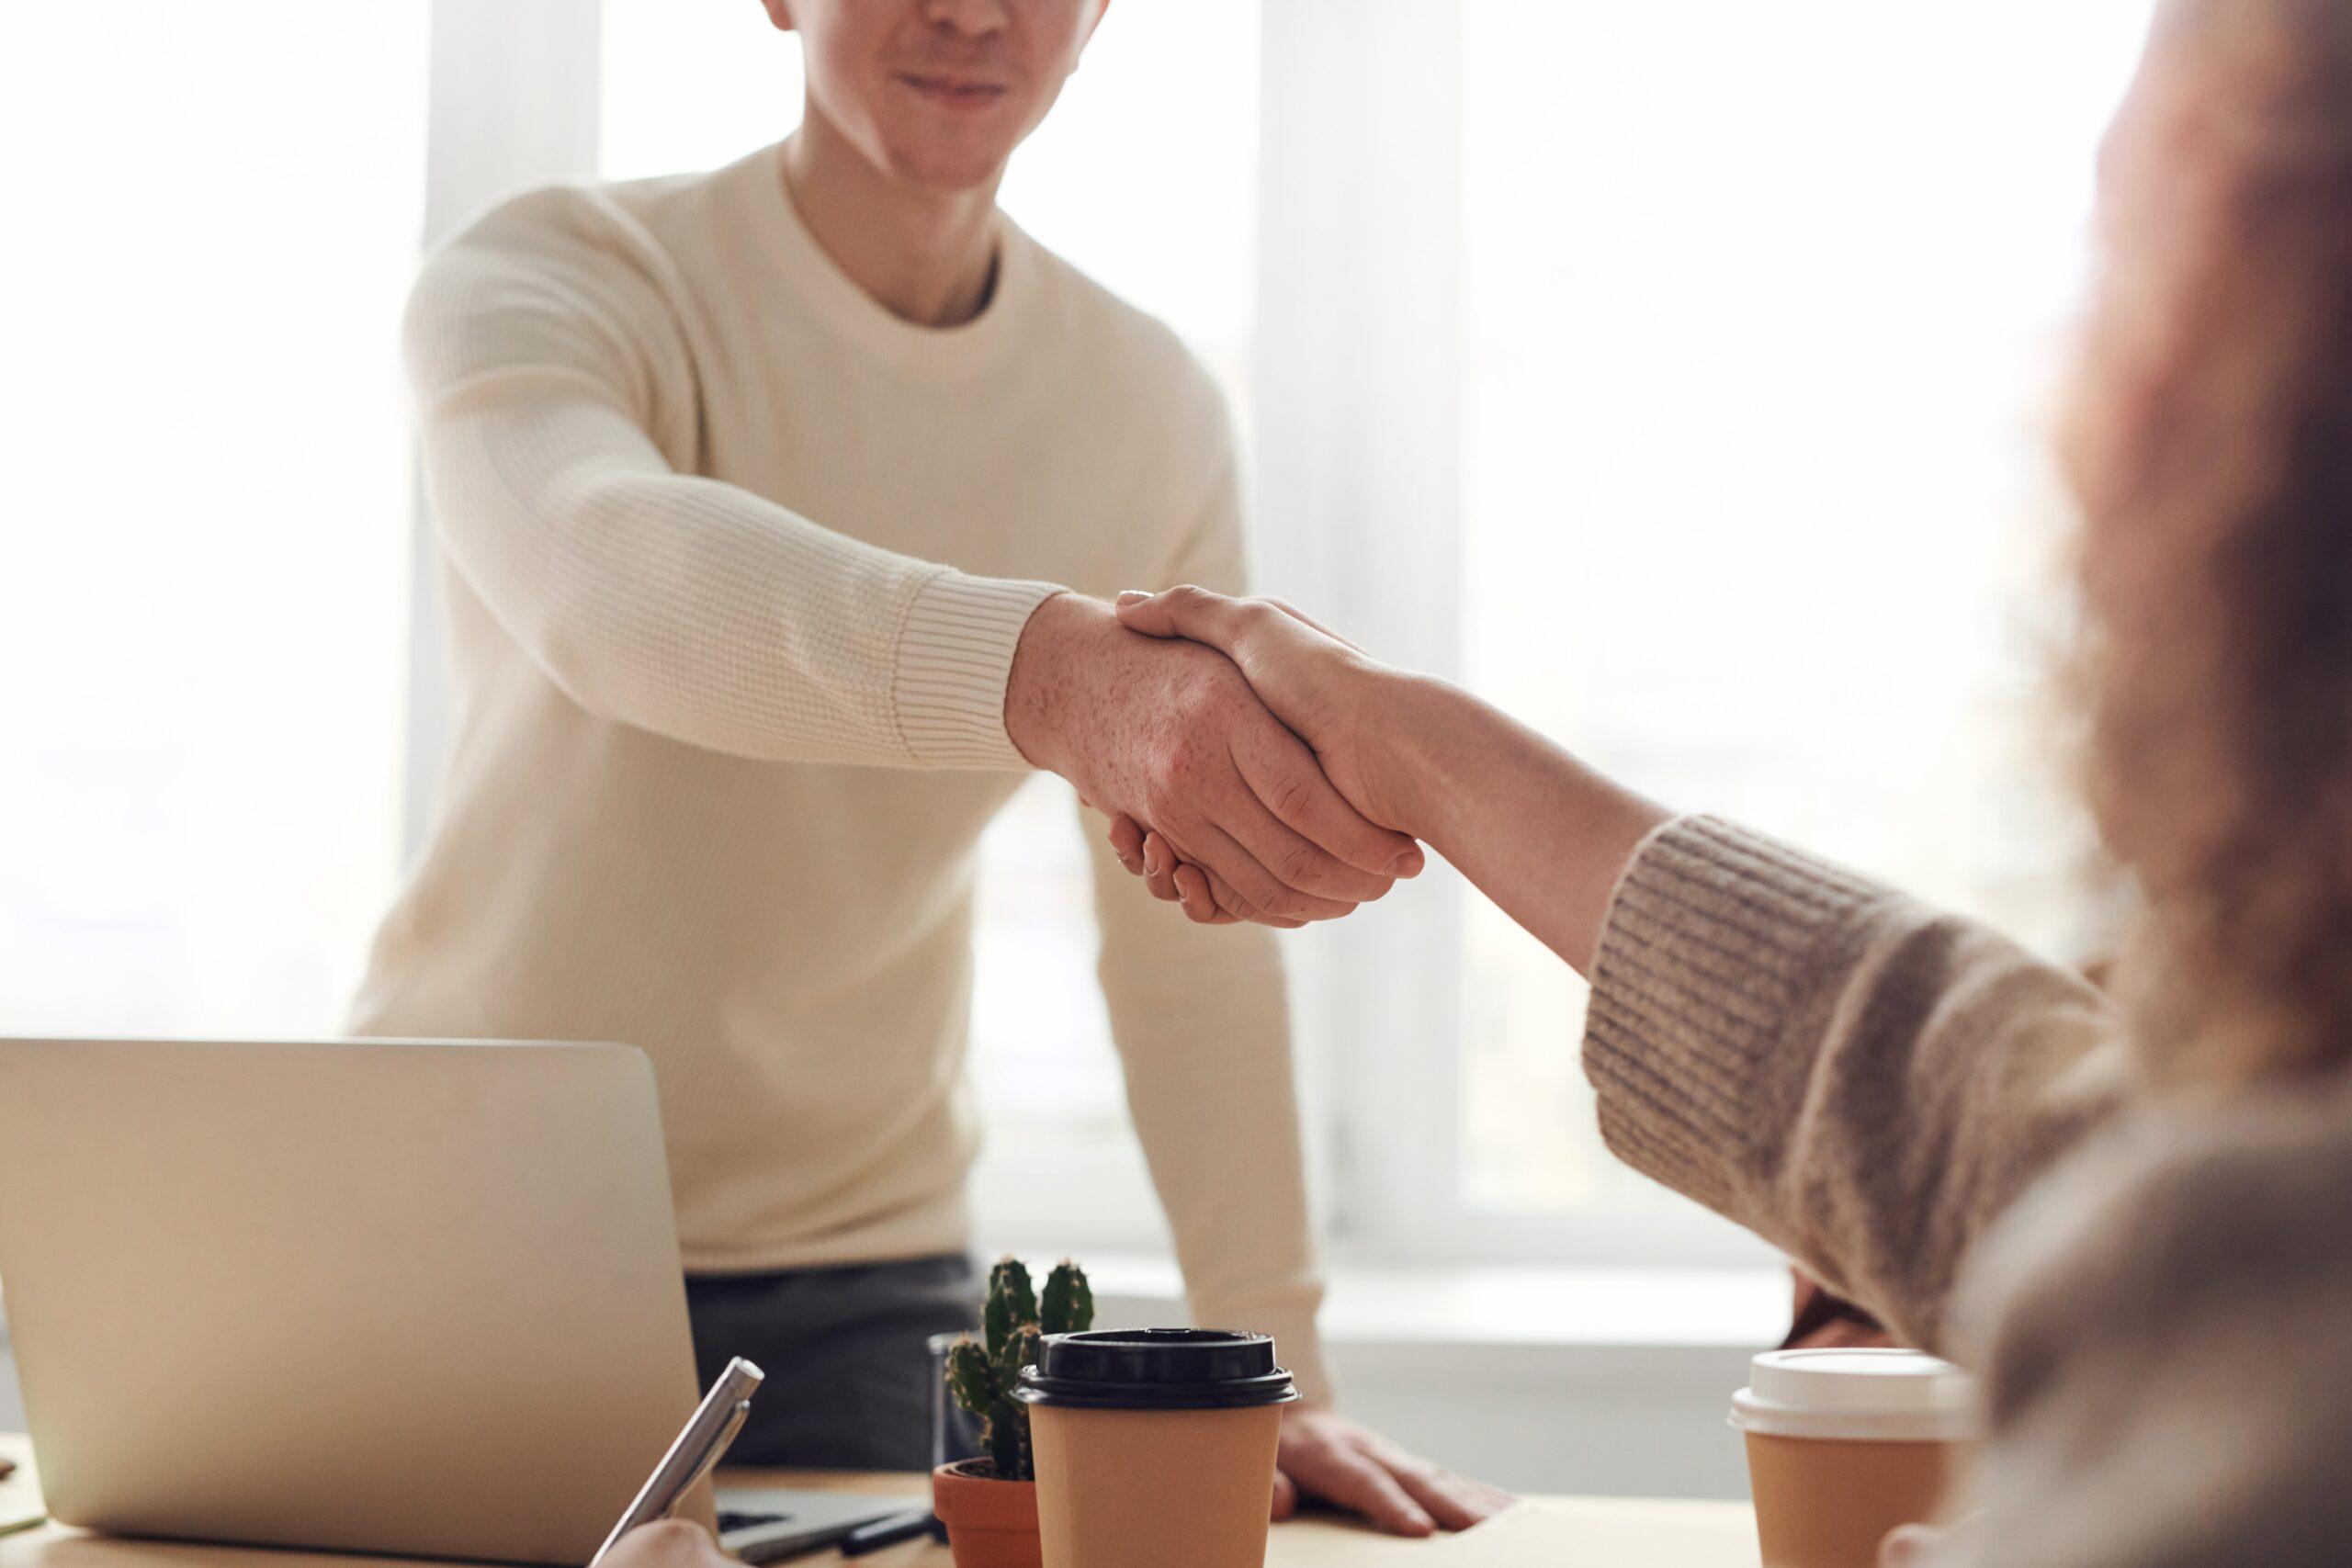 Quan necessites una agència de relacions públiques?